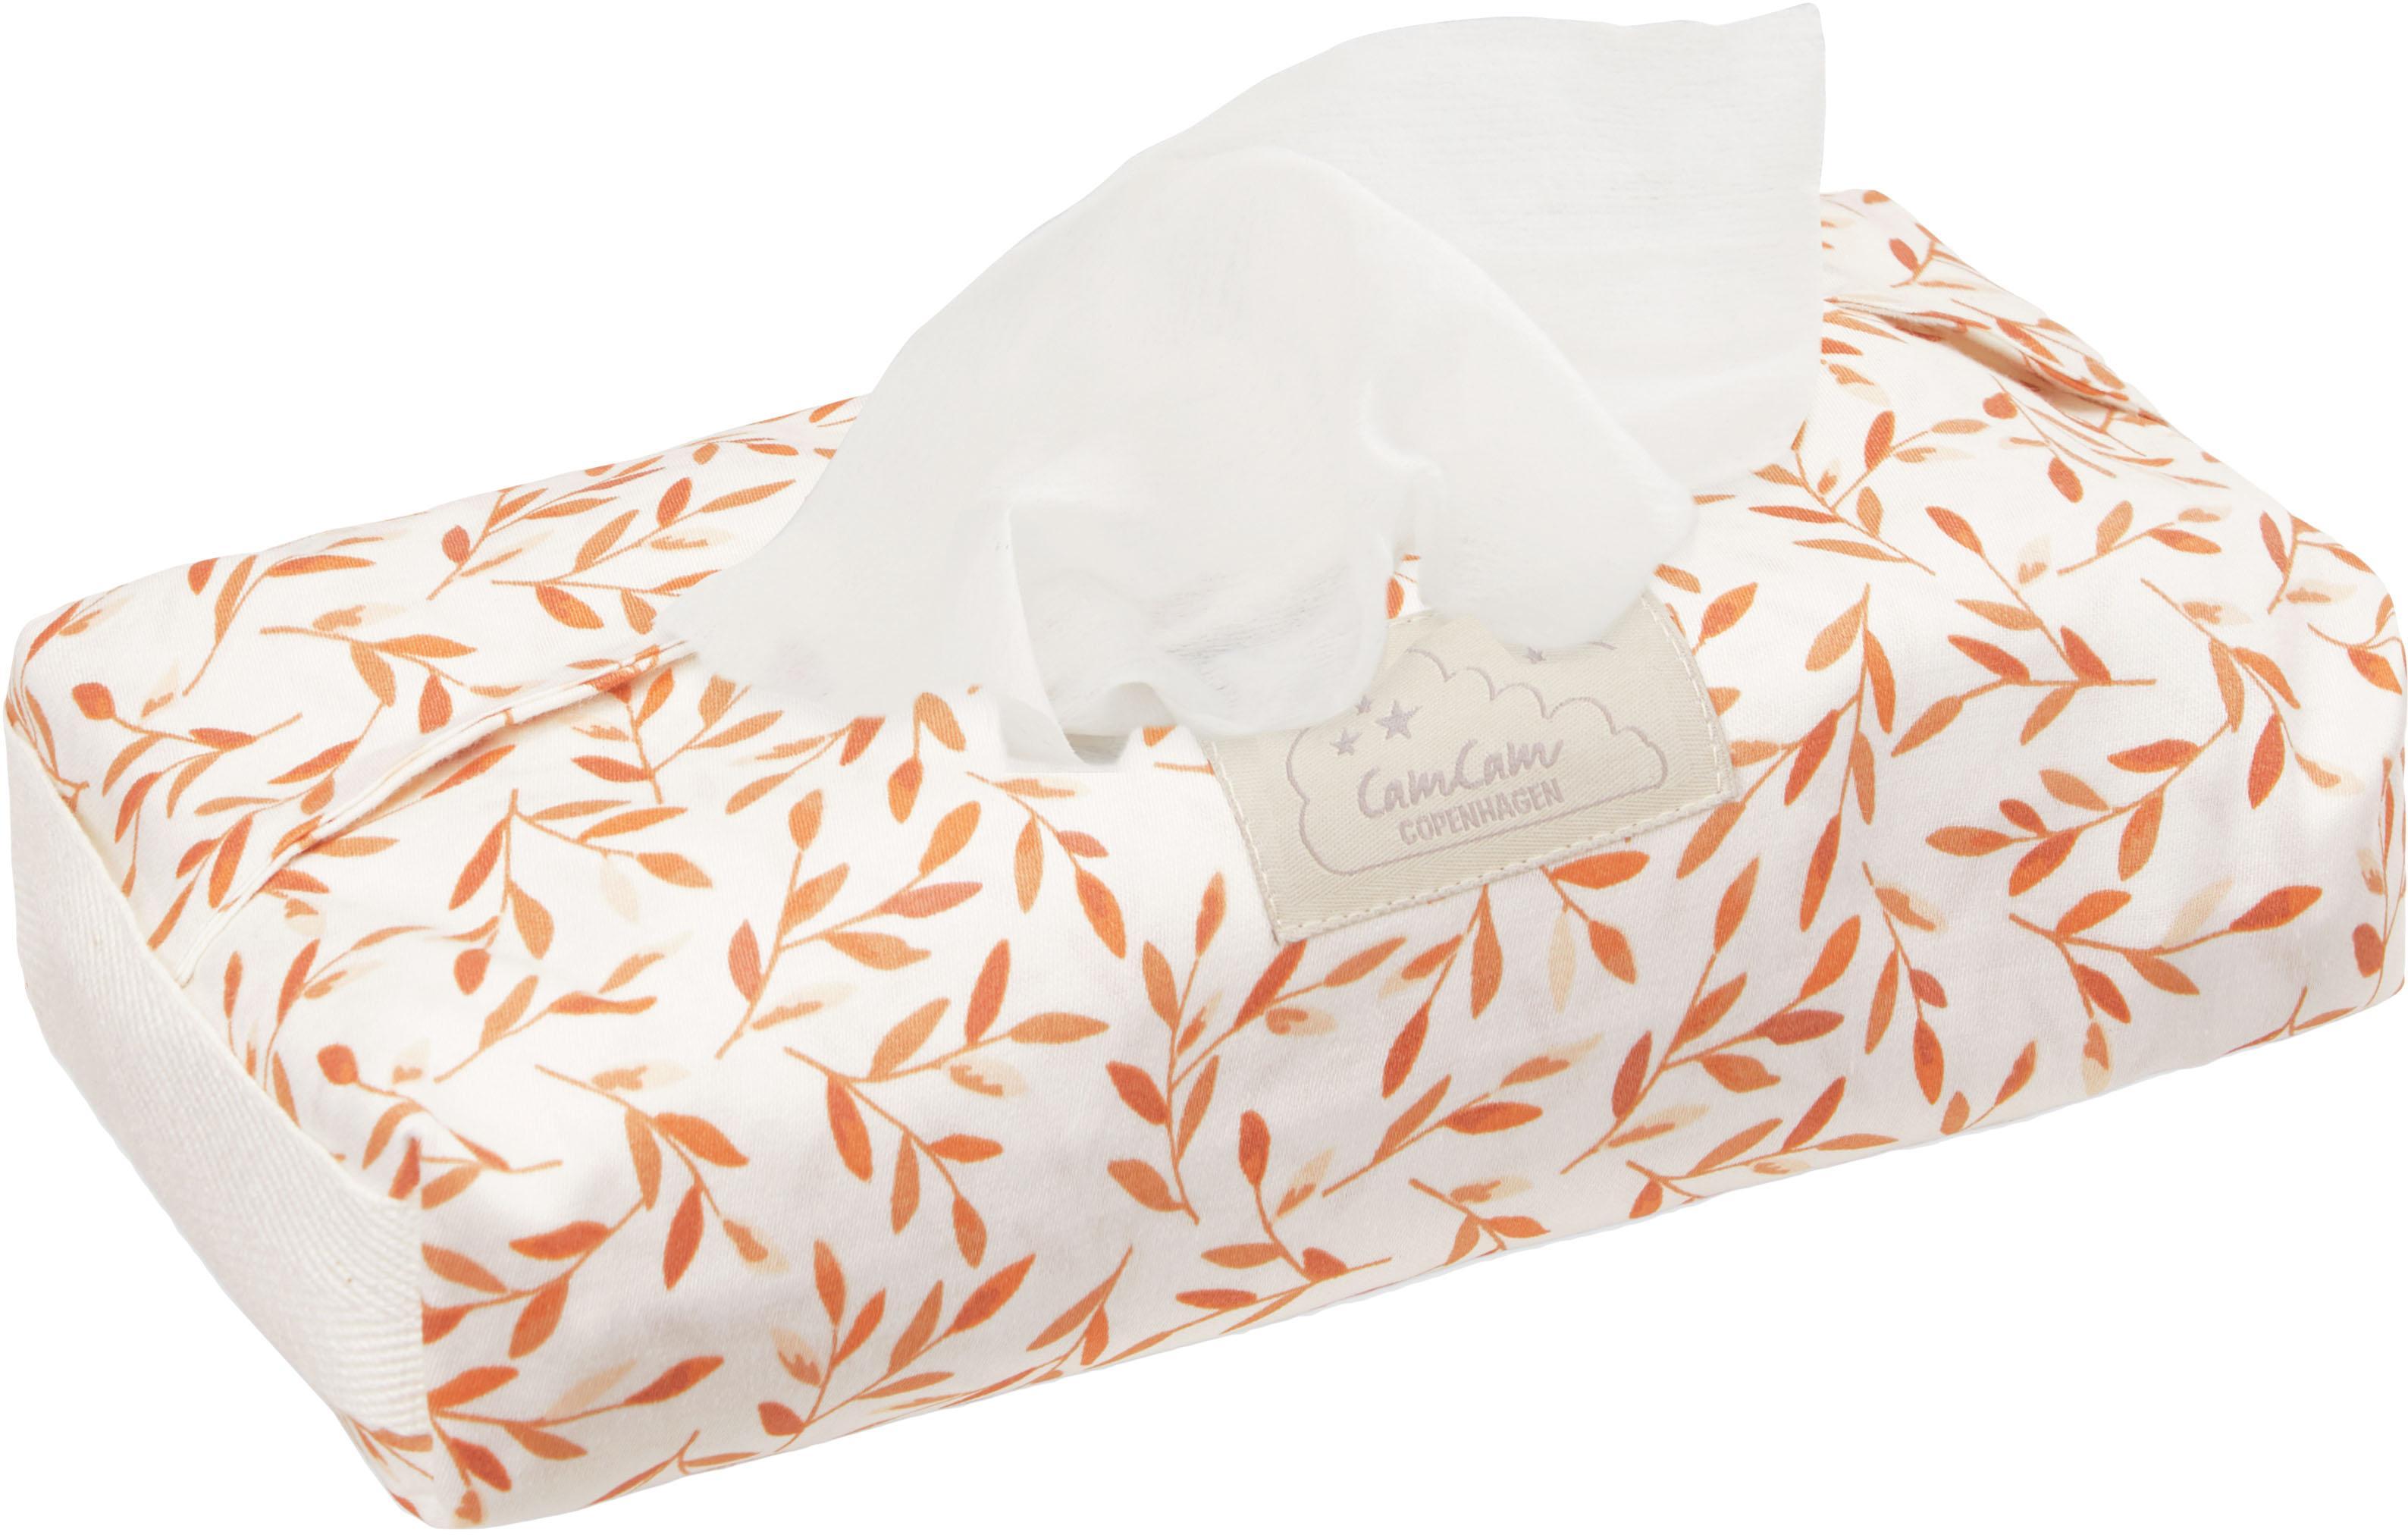 Feuchttücherbezug Leaves aus Bio-Baumwolle, Bezug: 100% Bio-Baumwolle, GOTS-, Griff: 100% Leinen, Cremefarben, Orange, 25 x 5 cm